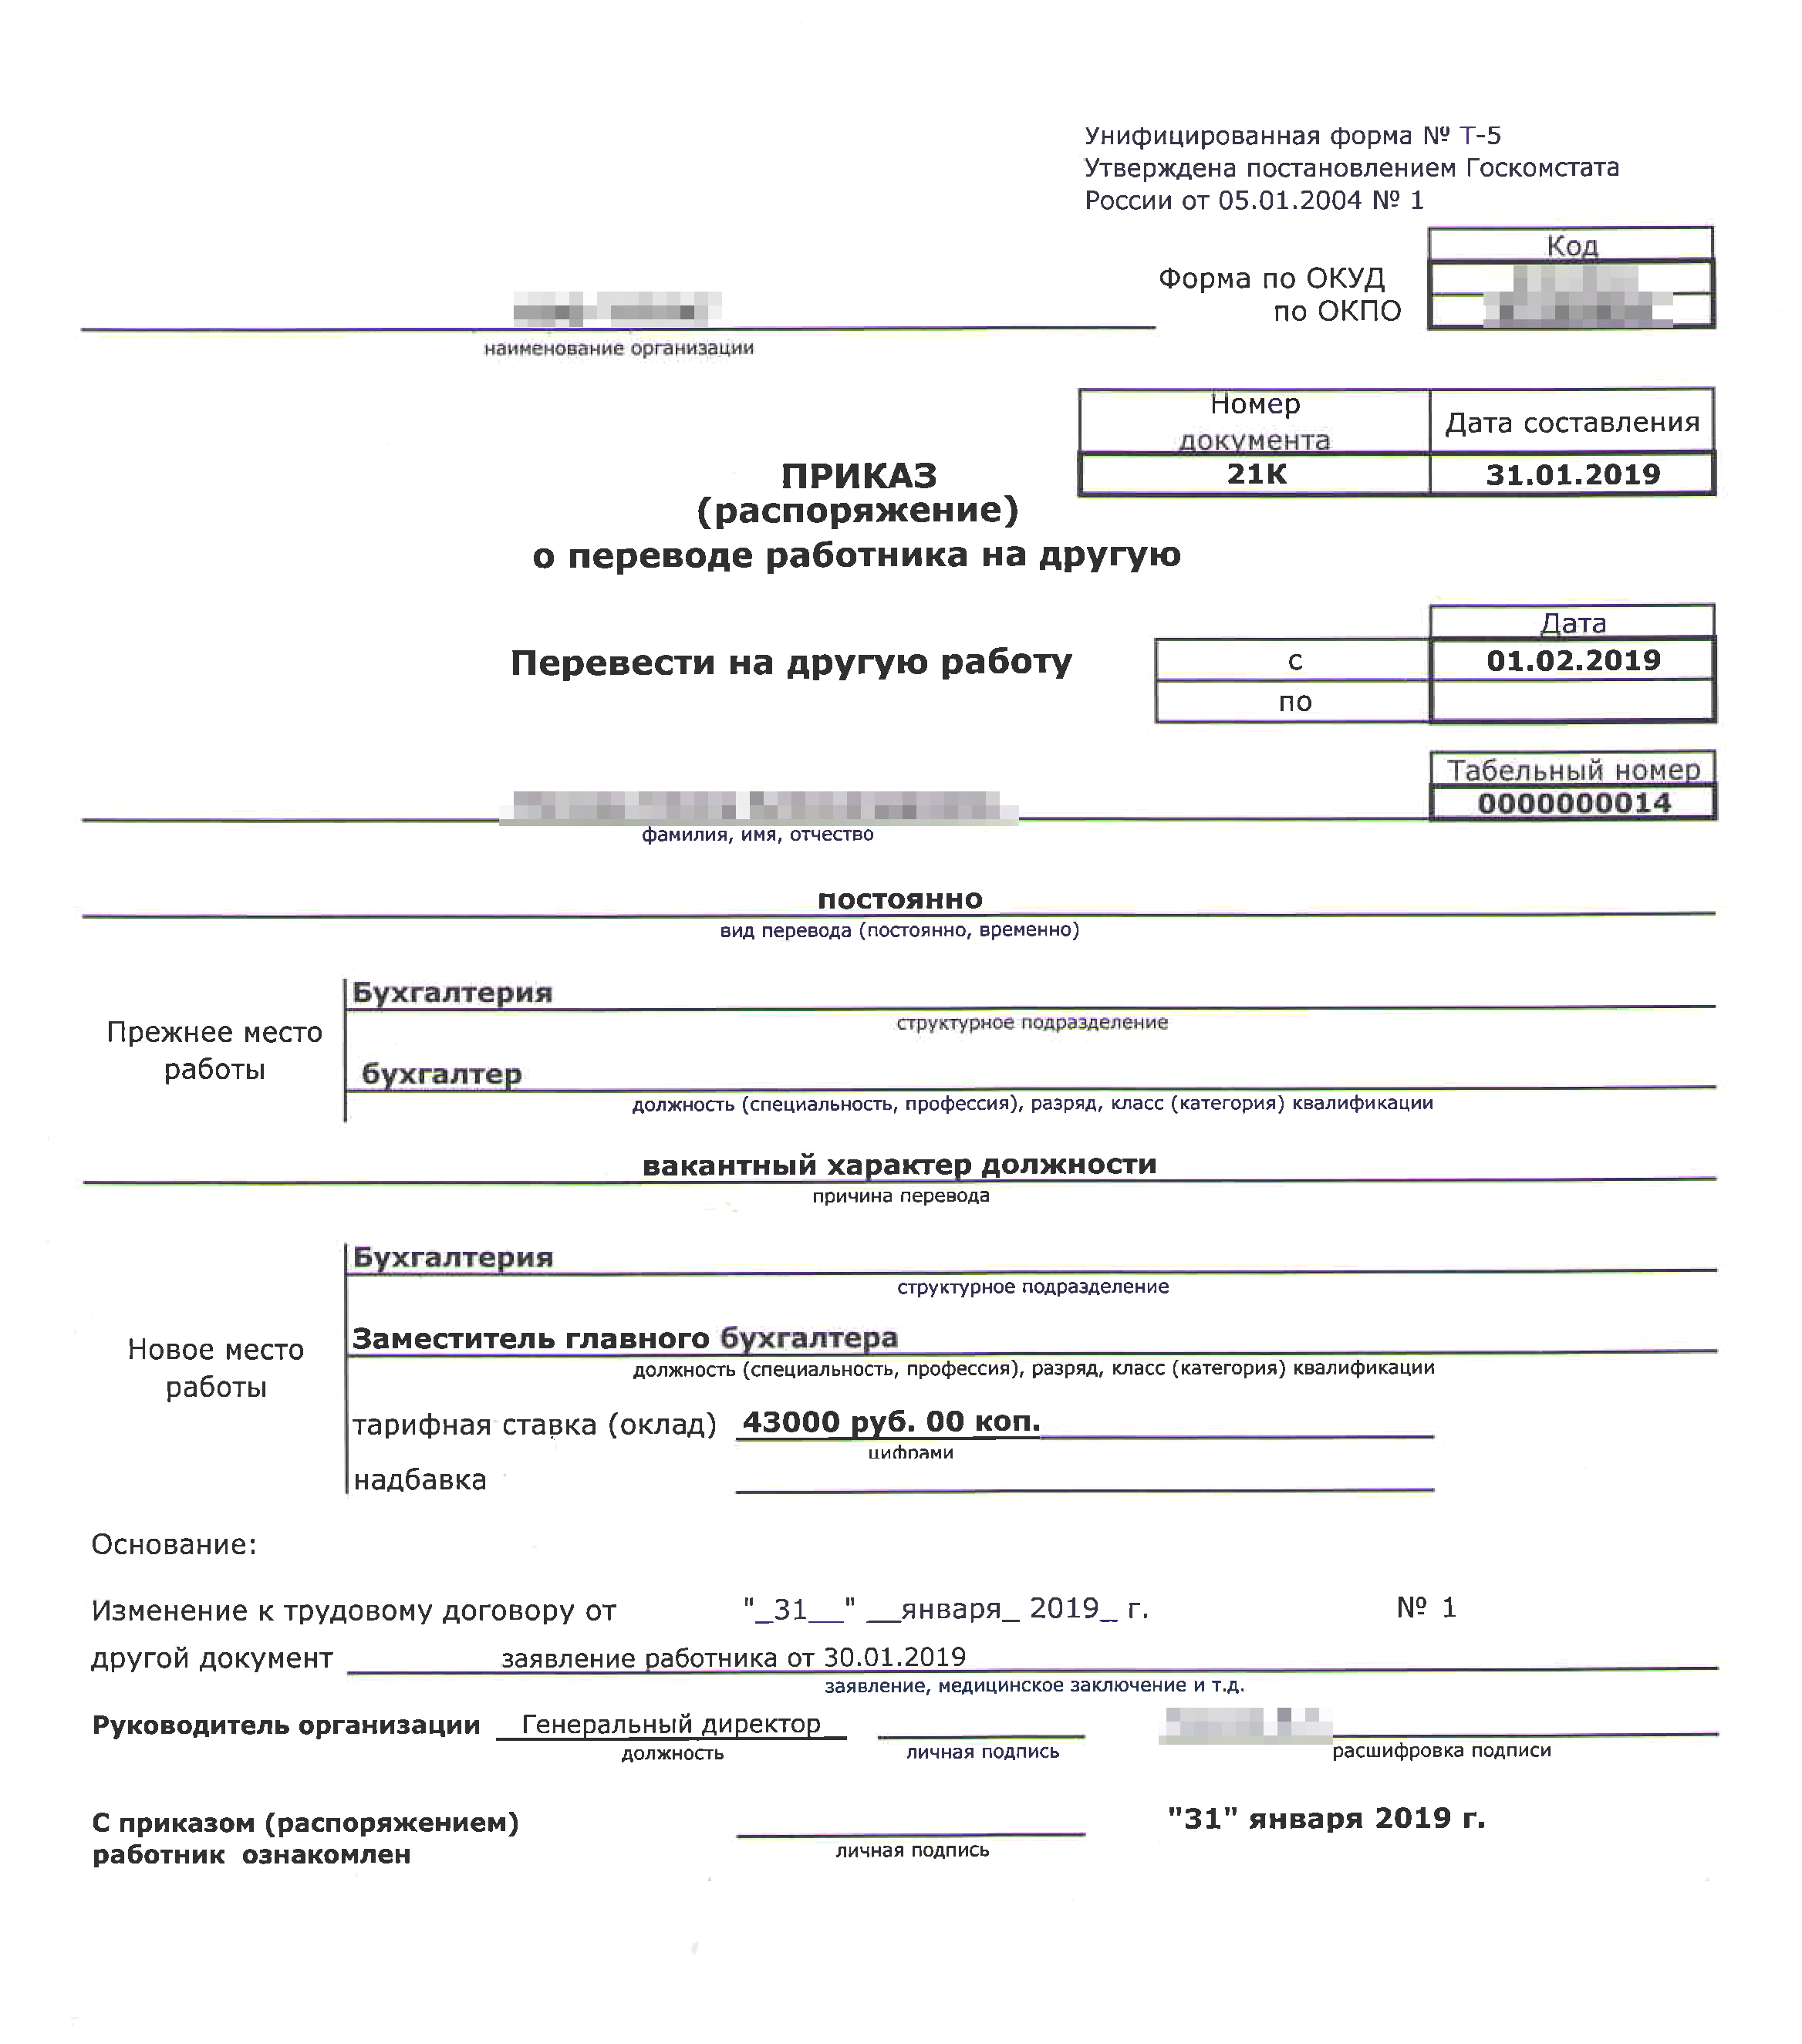 Приказ о постоянном переводе по форме № Т-5